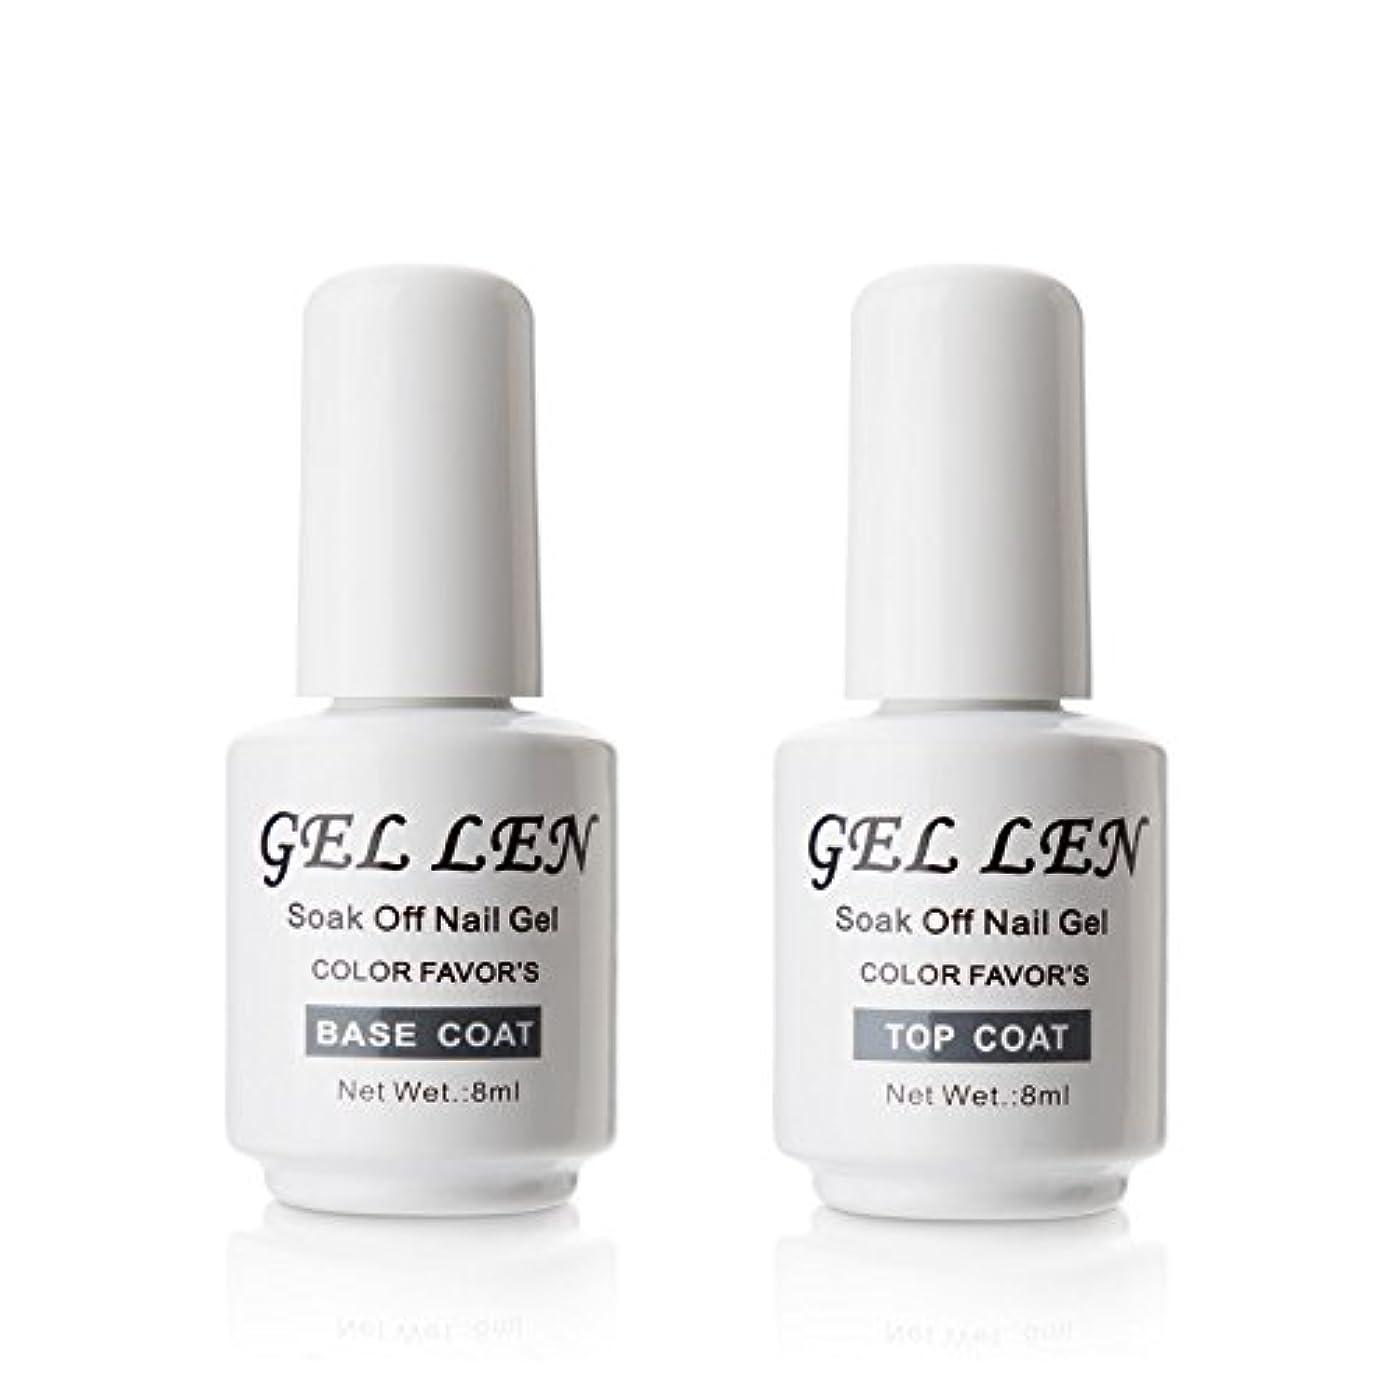 シリング側役立つGellen ジェルネイル UV LED ベースコート&トップコート セット 8ml